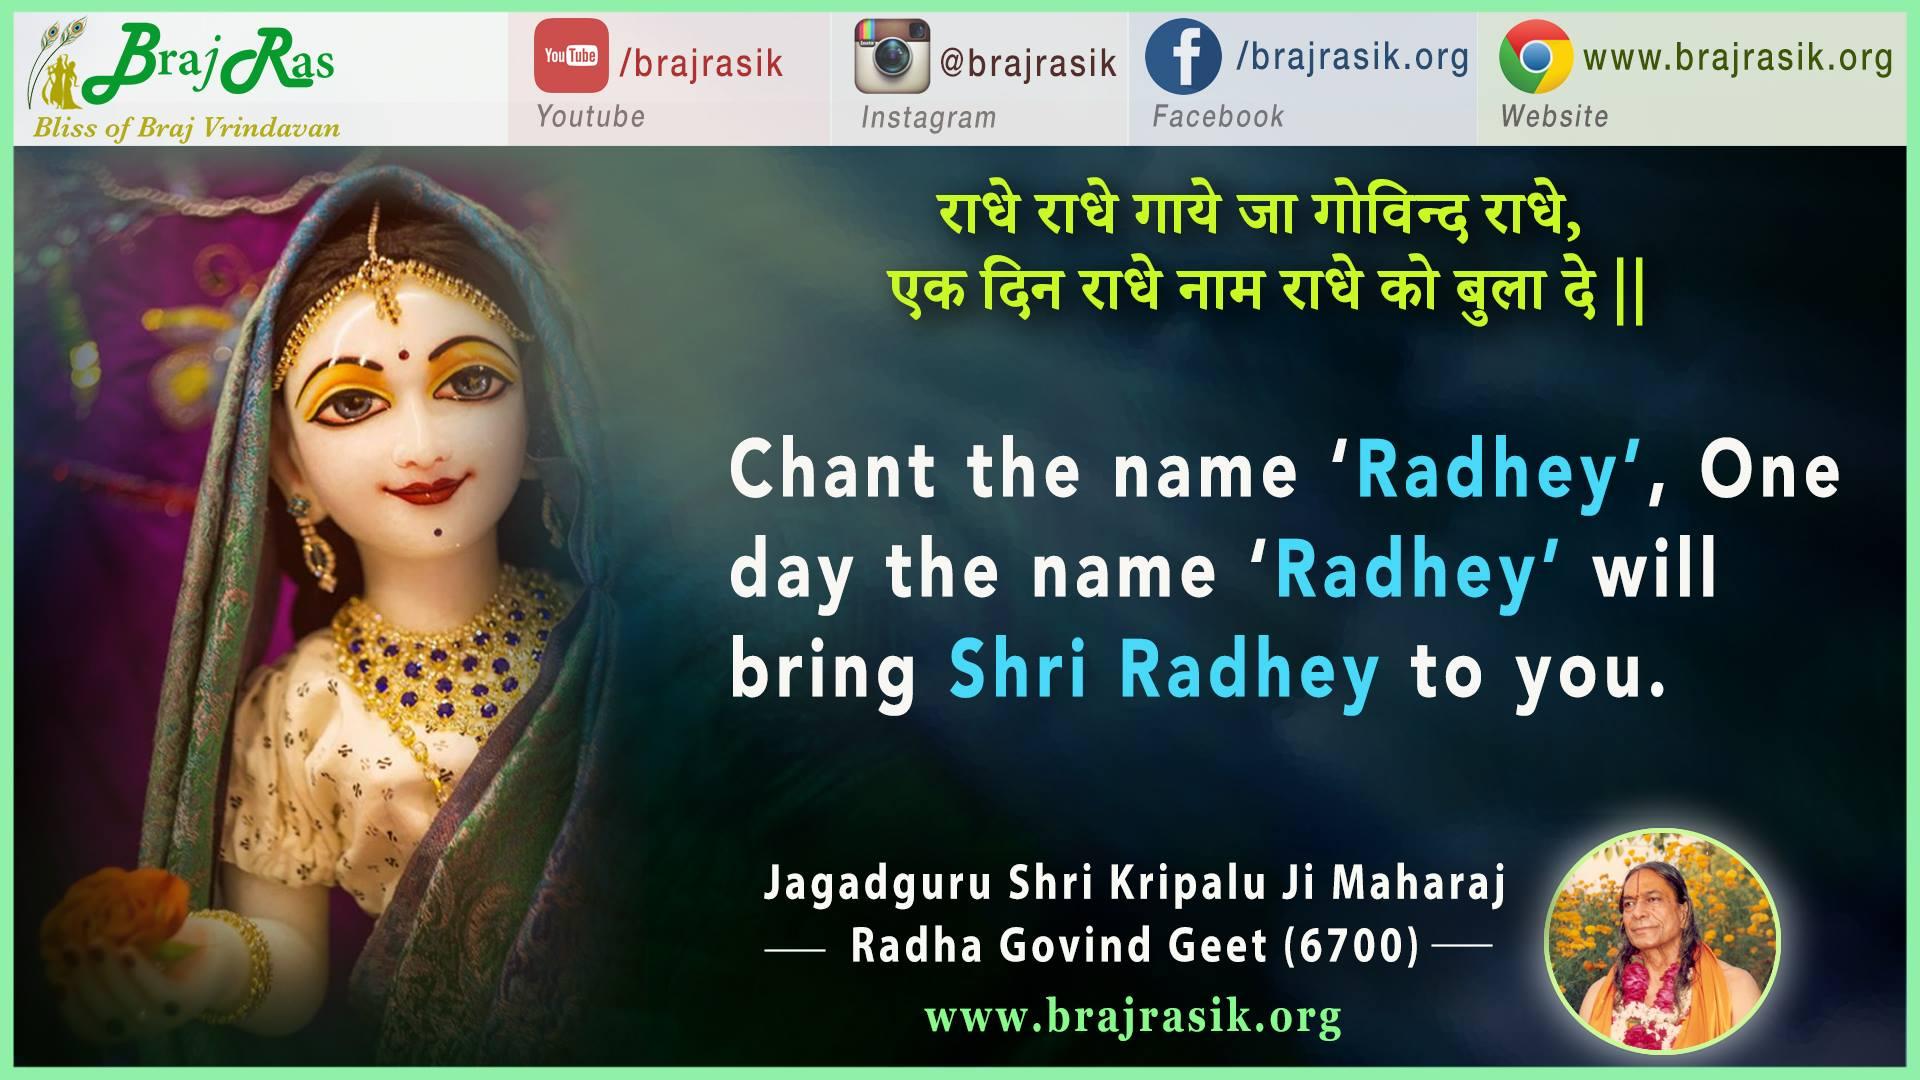 Radhey Radhey Gaye Jaa Govind Radhe, Ek Din Radhe Naam Radhe Ko Bula De - Jagadguru Shri Kripalu Ji Maharaj, Radha Govind Geet